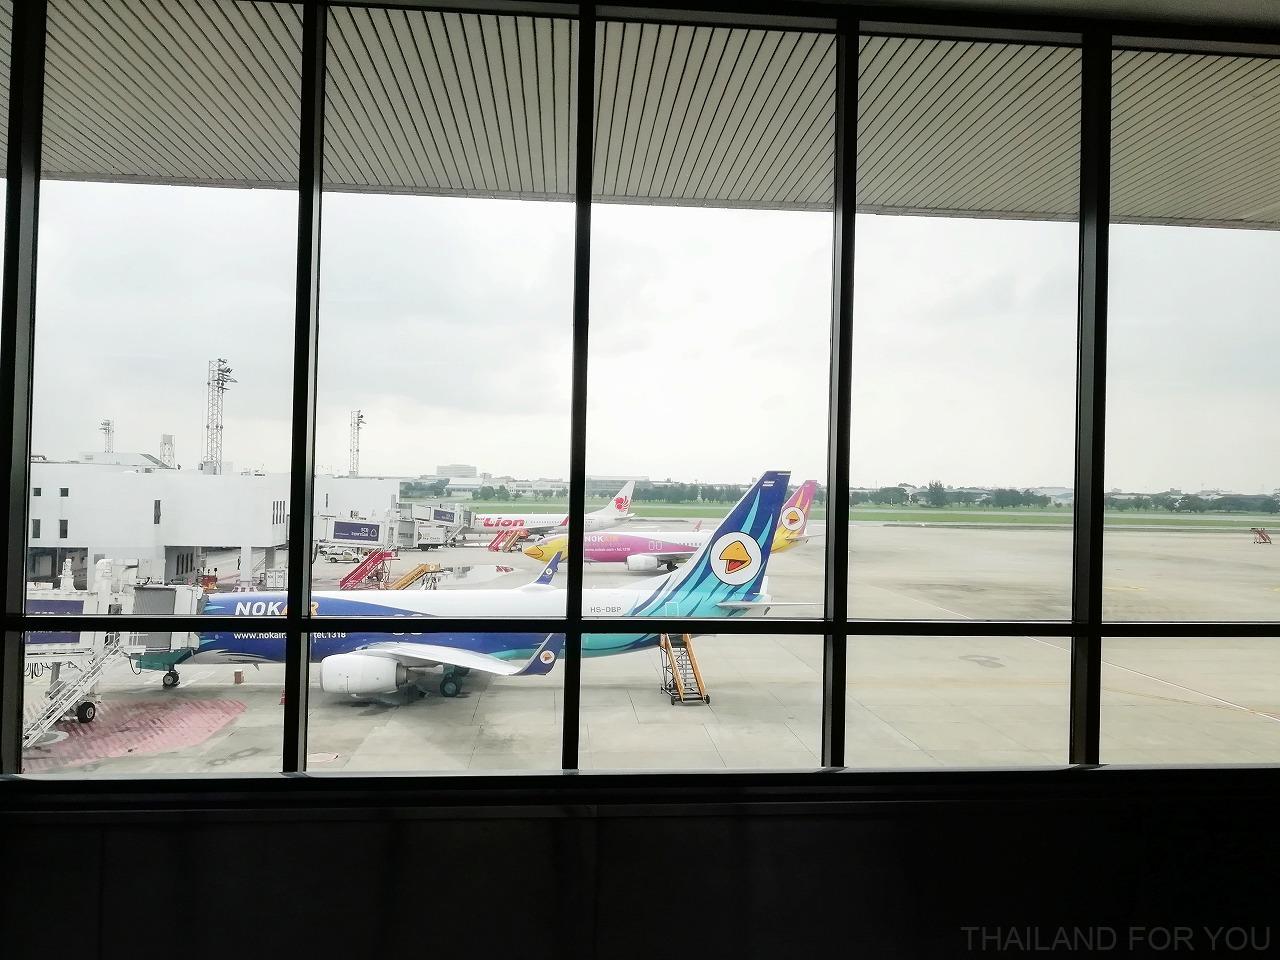 ドンムアン空港 国内線 乗り継ぎ